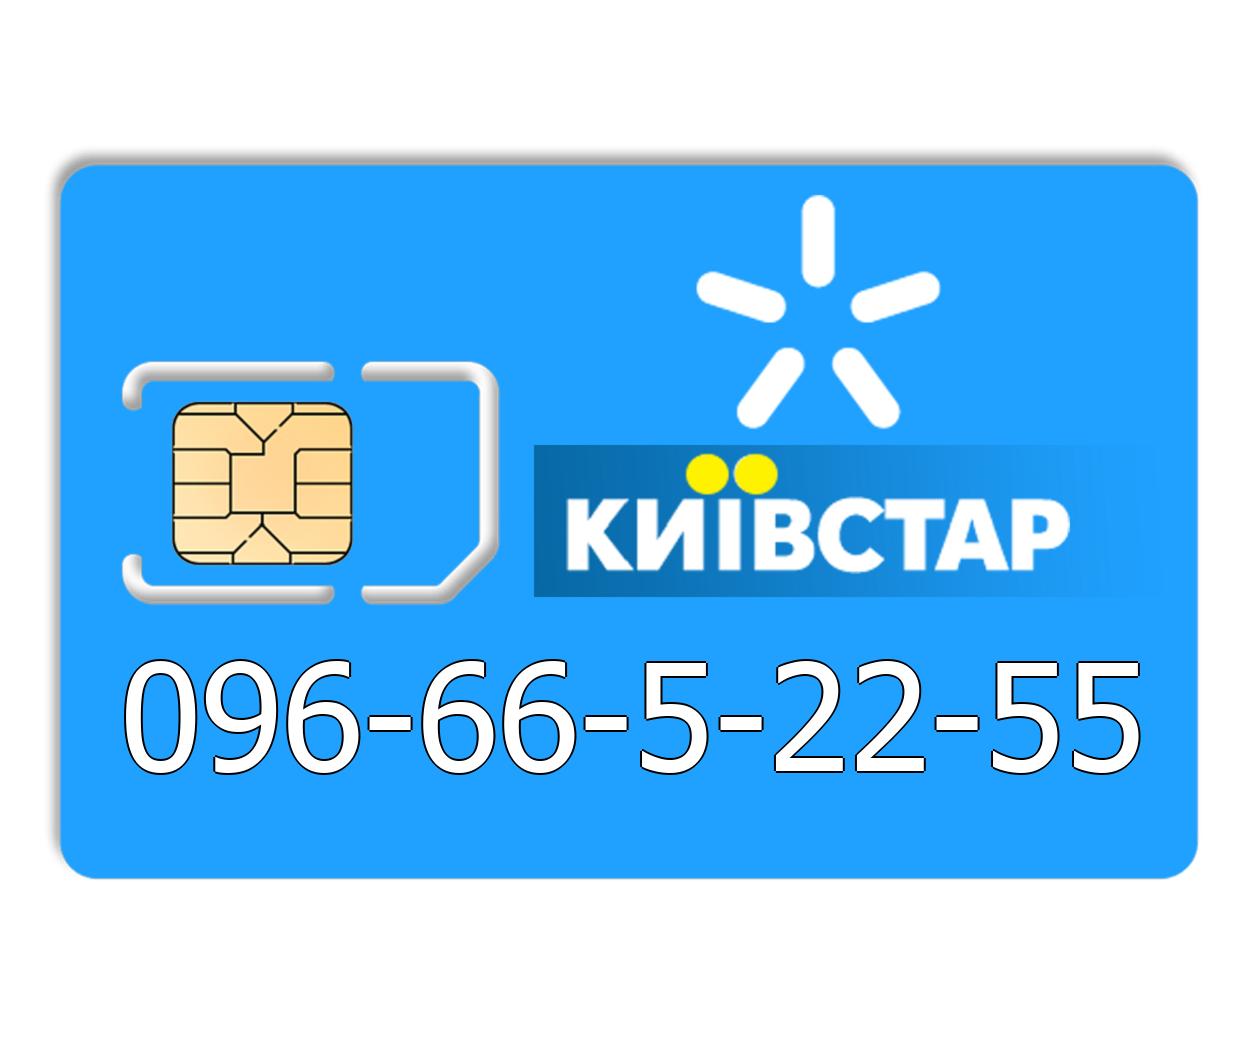 Красивый номер Киевстар 096-66-5-22-55